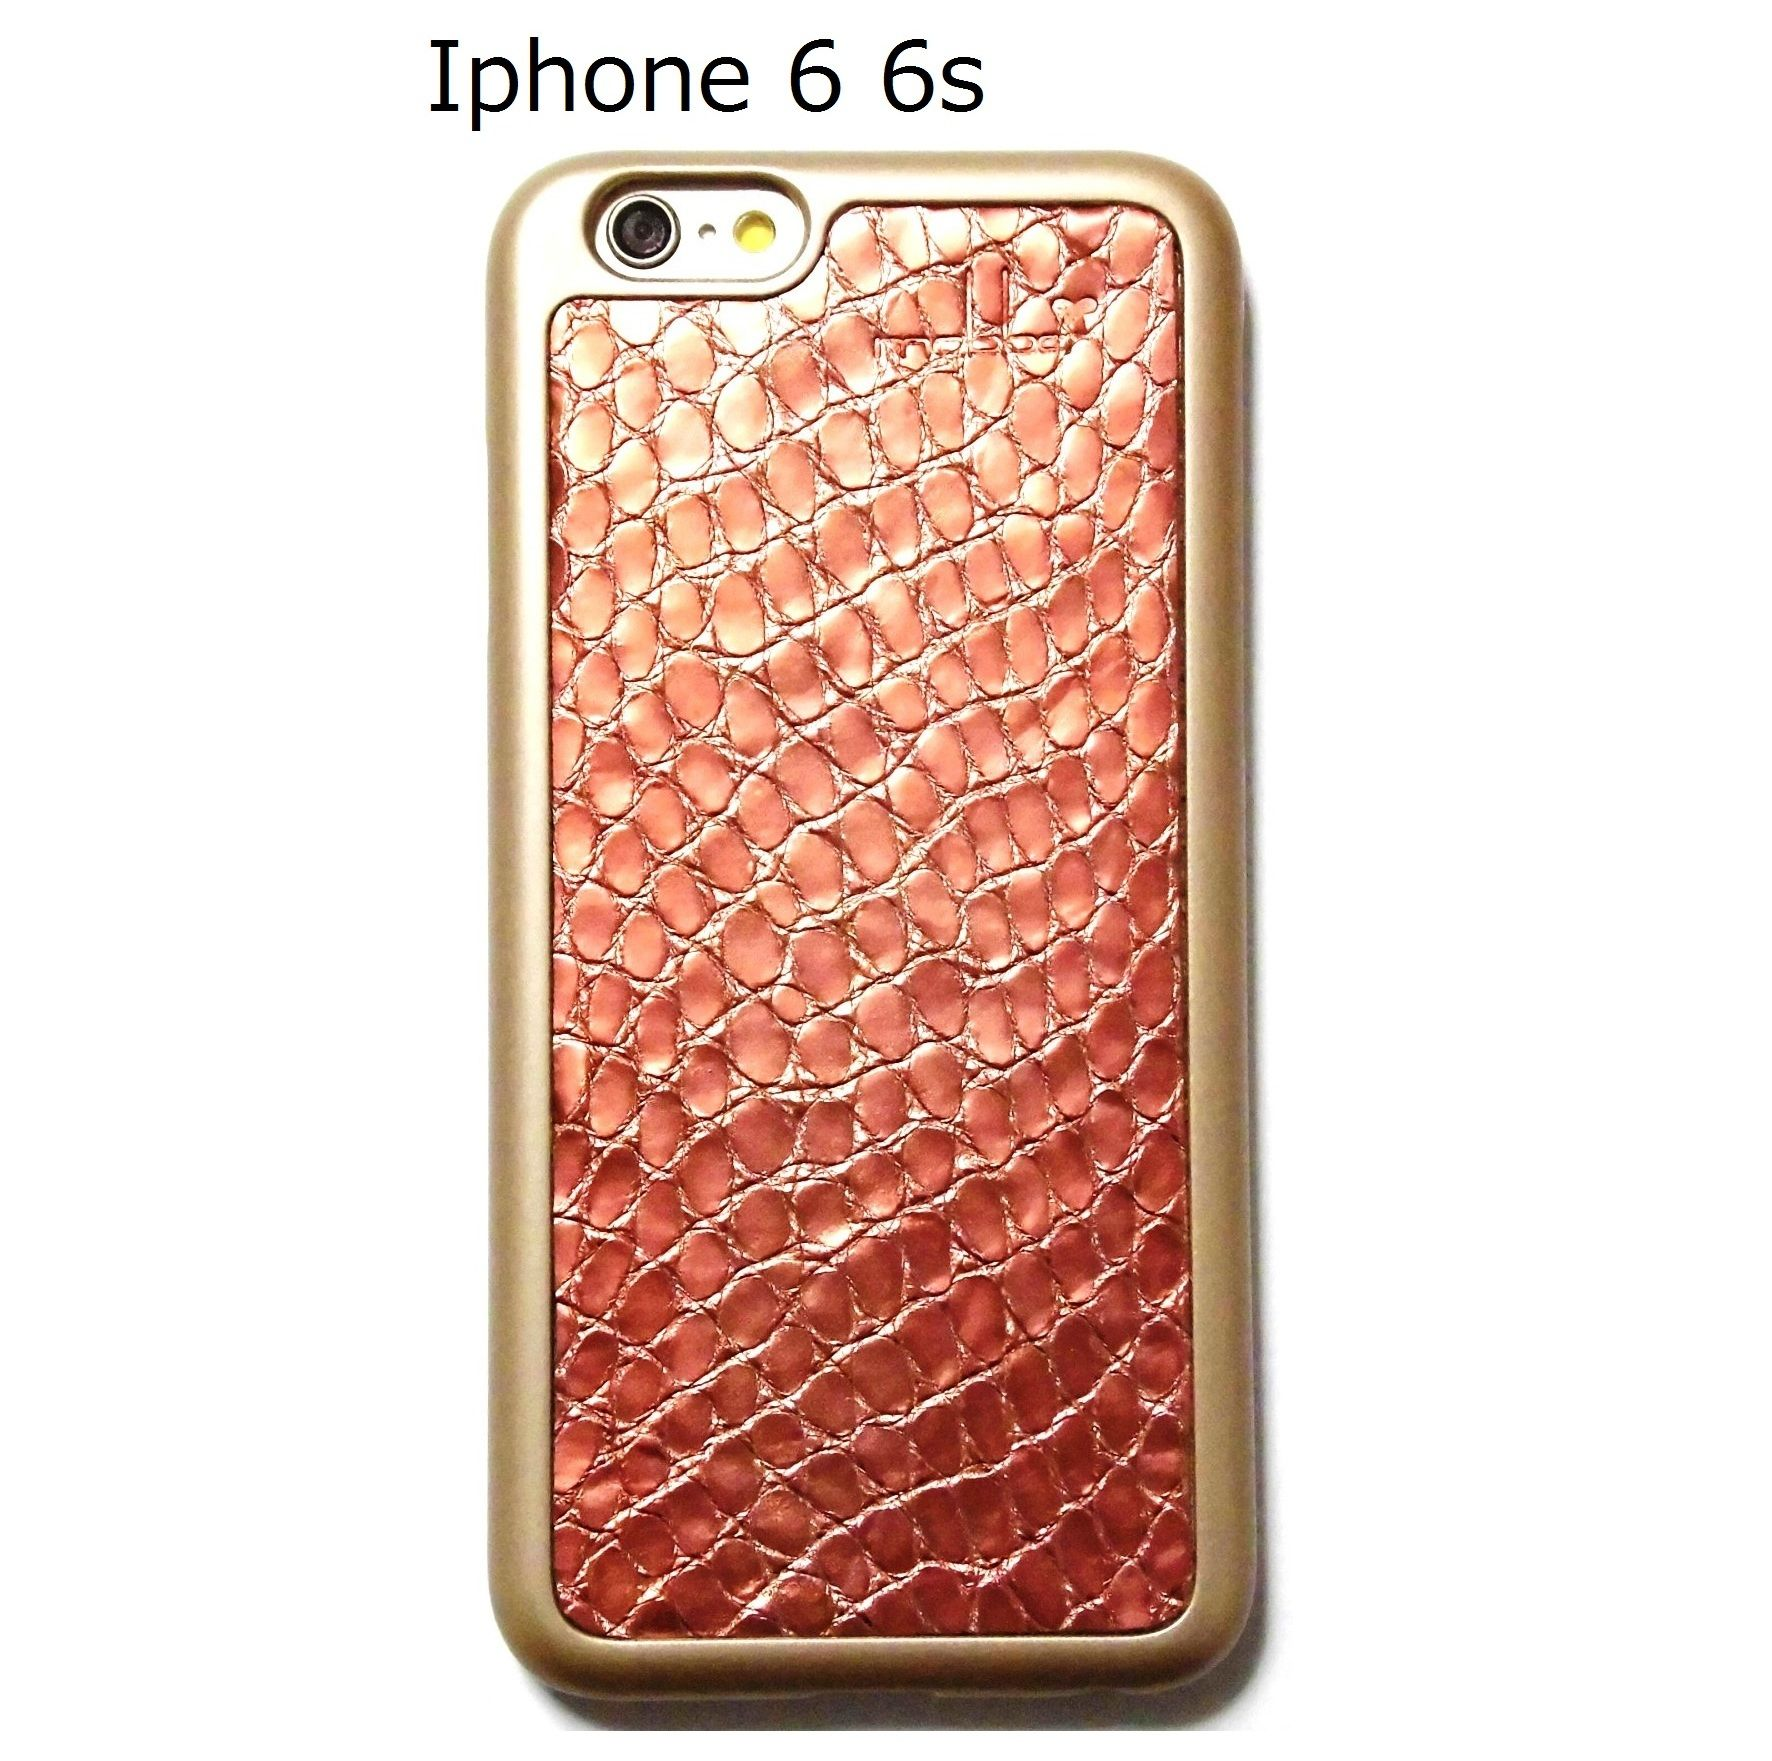 mabba マッバ ドイツ の The Penny Fish iPhone 6 6s Hulle 本革 レザーリュクス ゴールド アイフォン シックス エス ケース カバー 上質 海外 ブランド